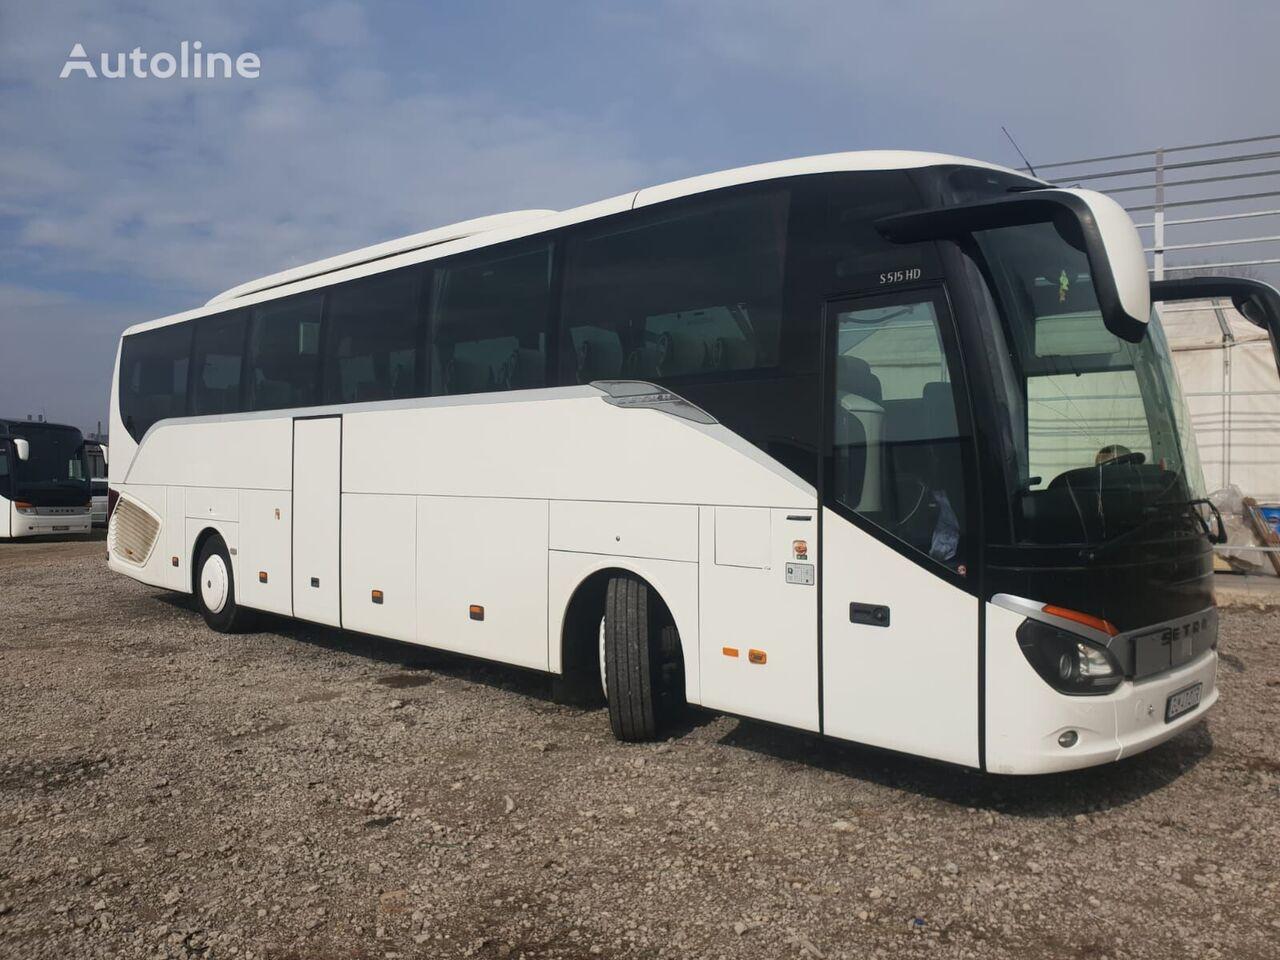 экскурсионный автобус SETRA 515HD